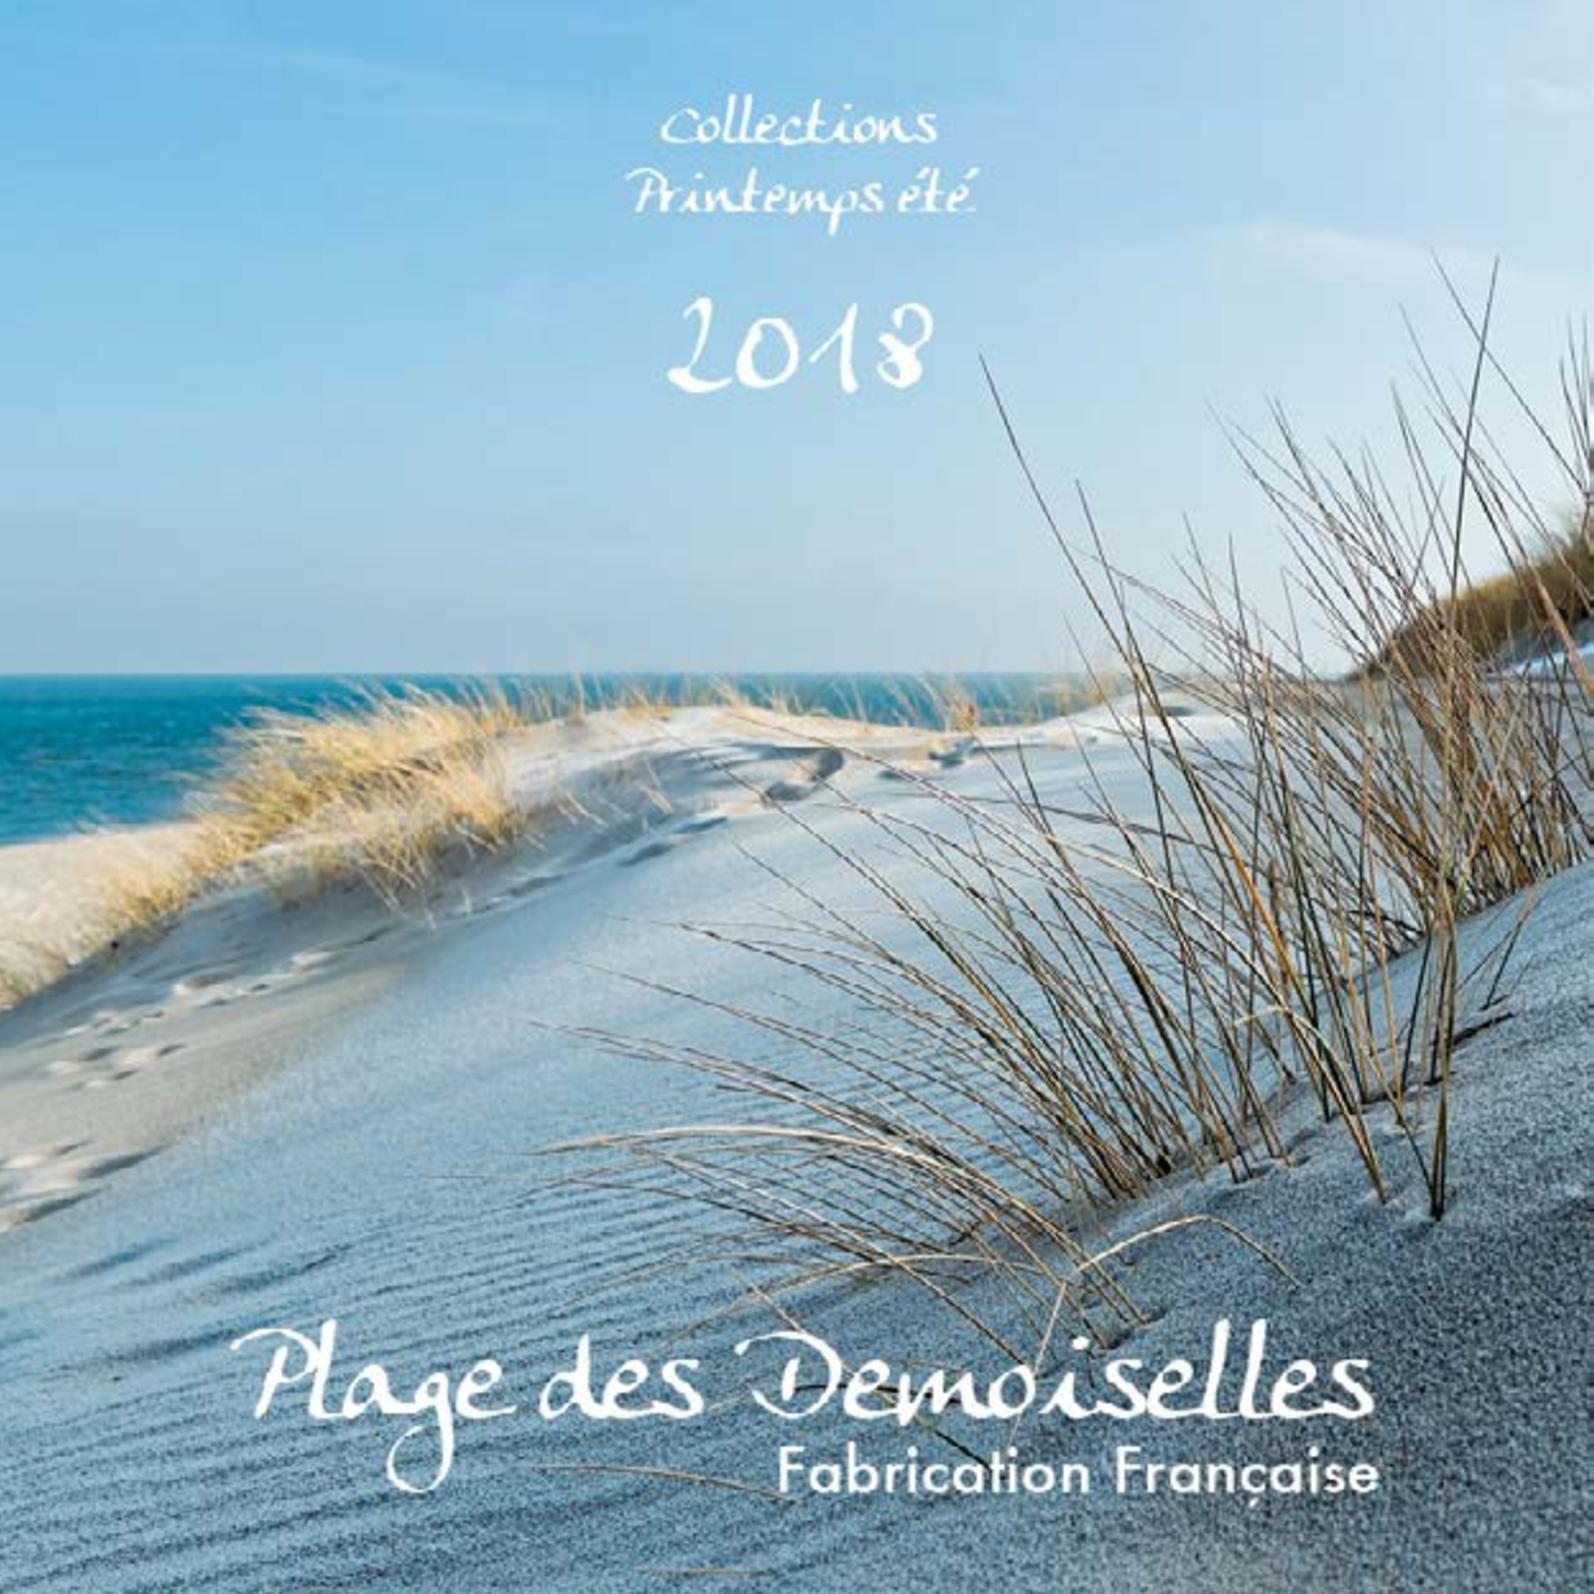 Des Demoiselles Calaméo 2018 Catalogue Plage byYgf76